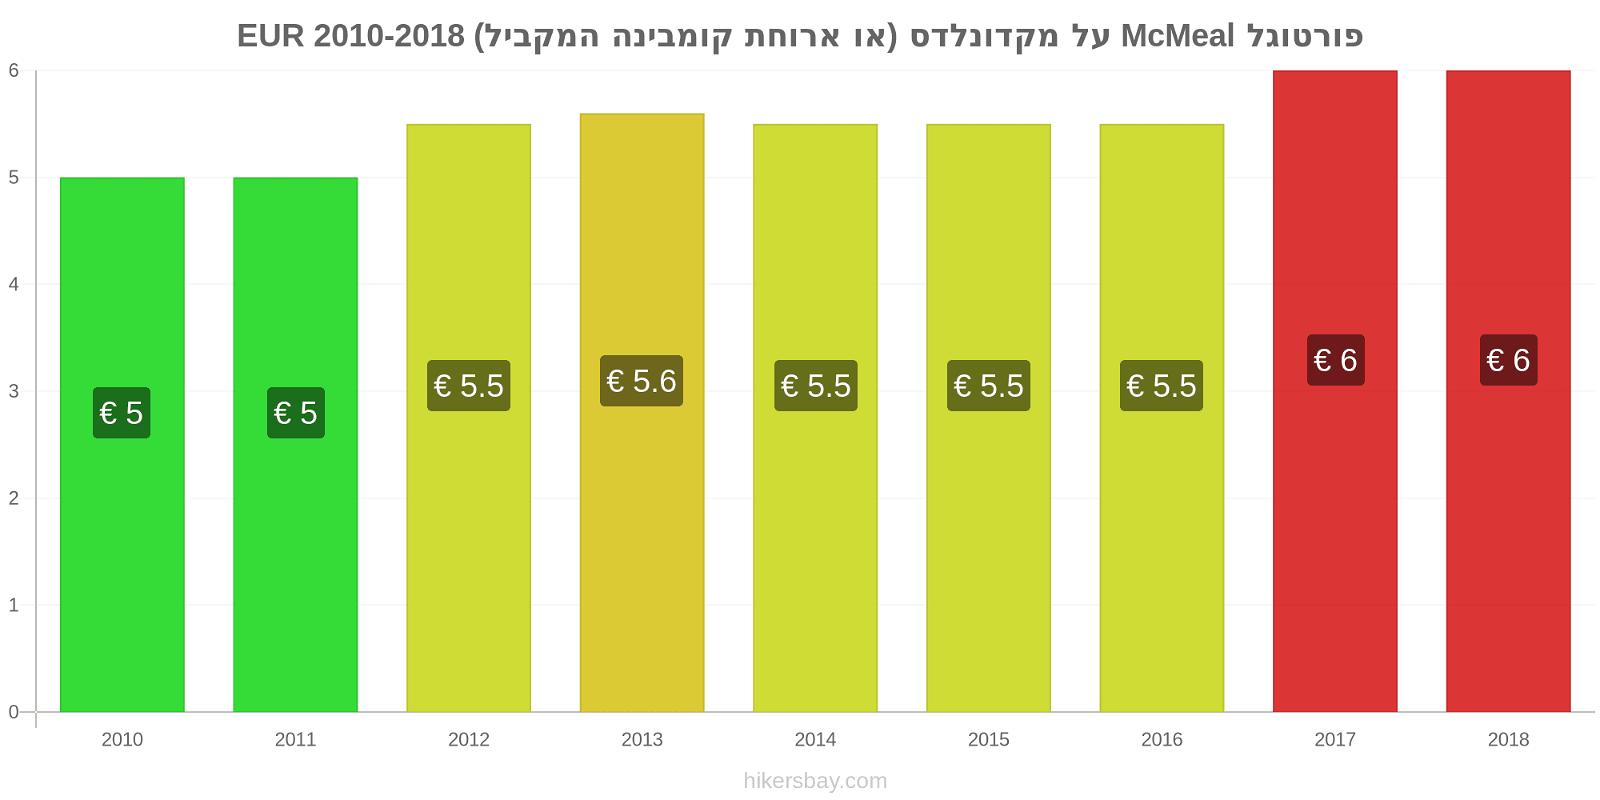 פורטוגל שינויי מחירים McMeal על מקדונלדס (או ארוחת קומבינה המקביל) hikersbay.com